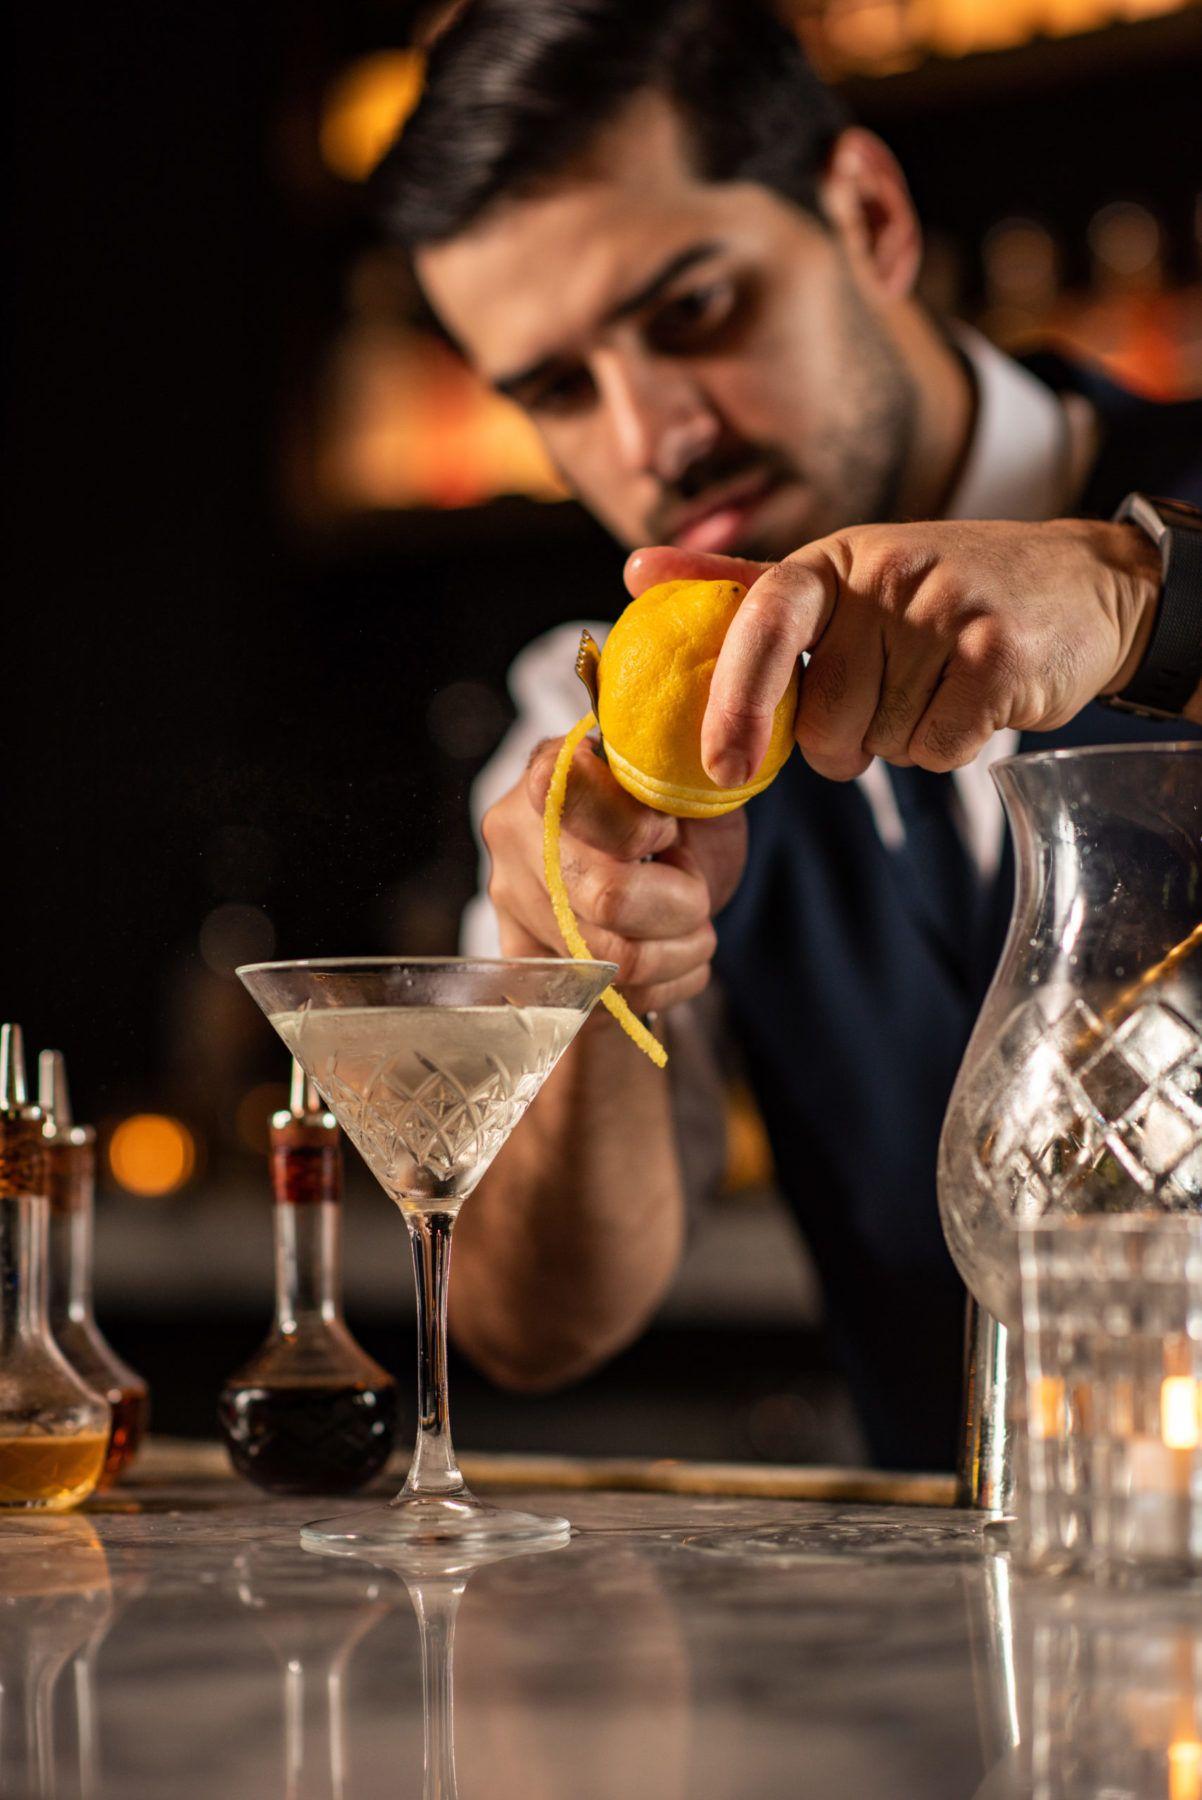 Bartender peeling lemon over a martini glass at bar